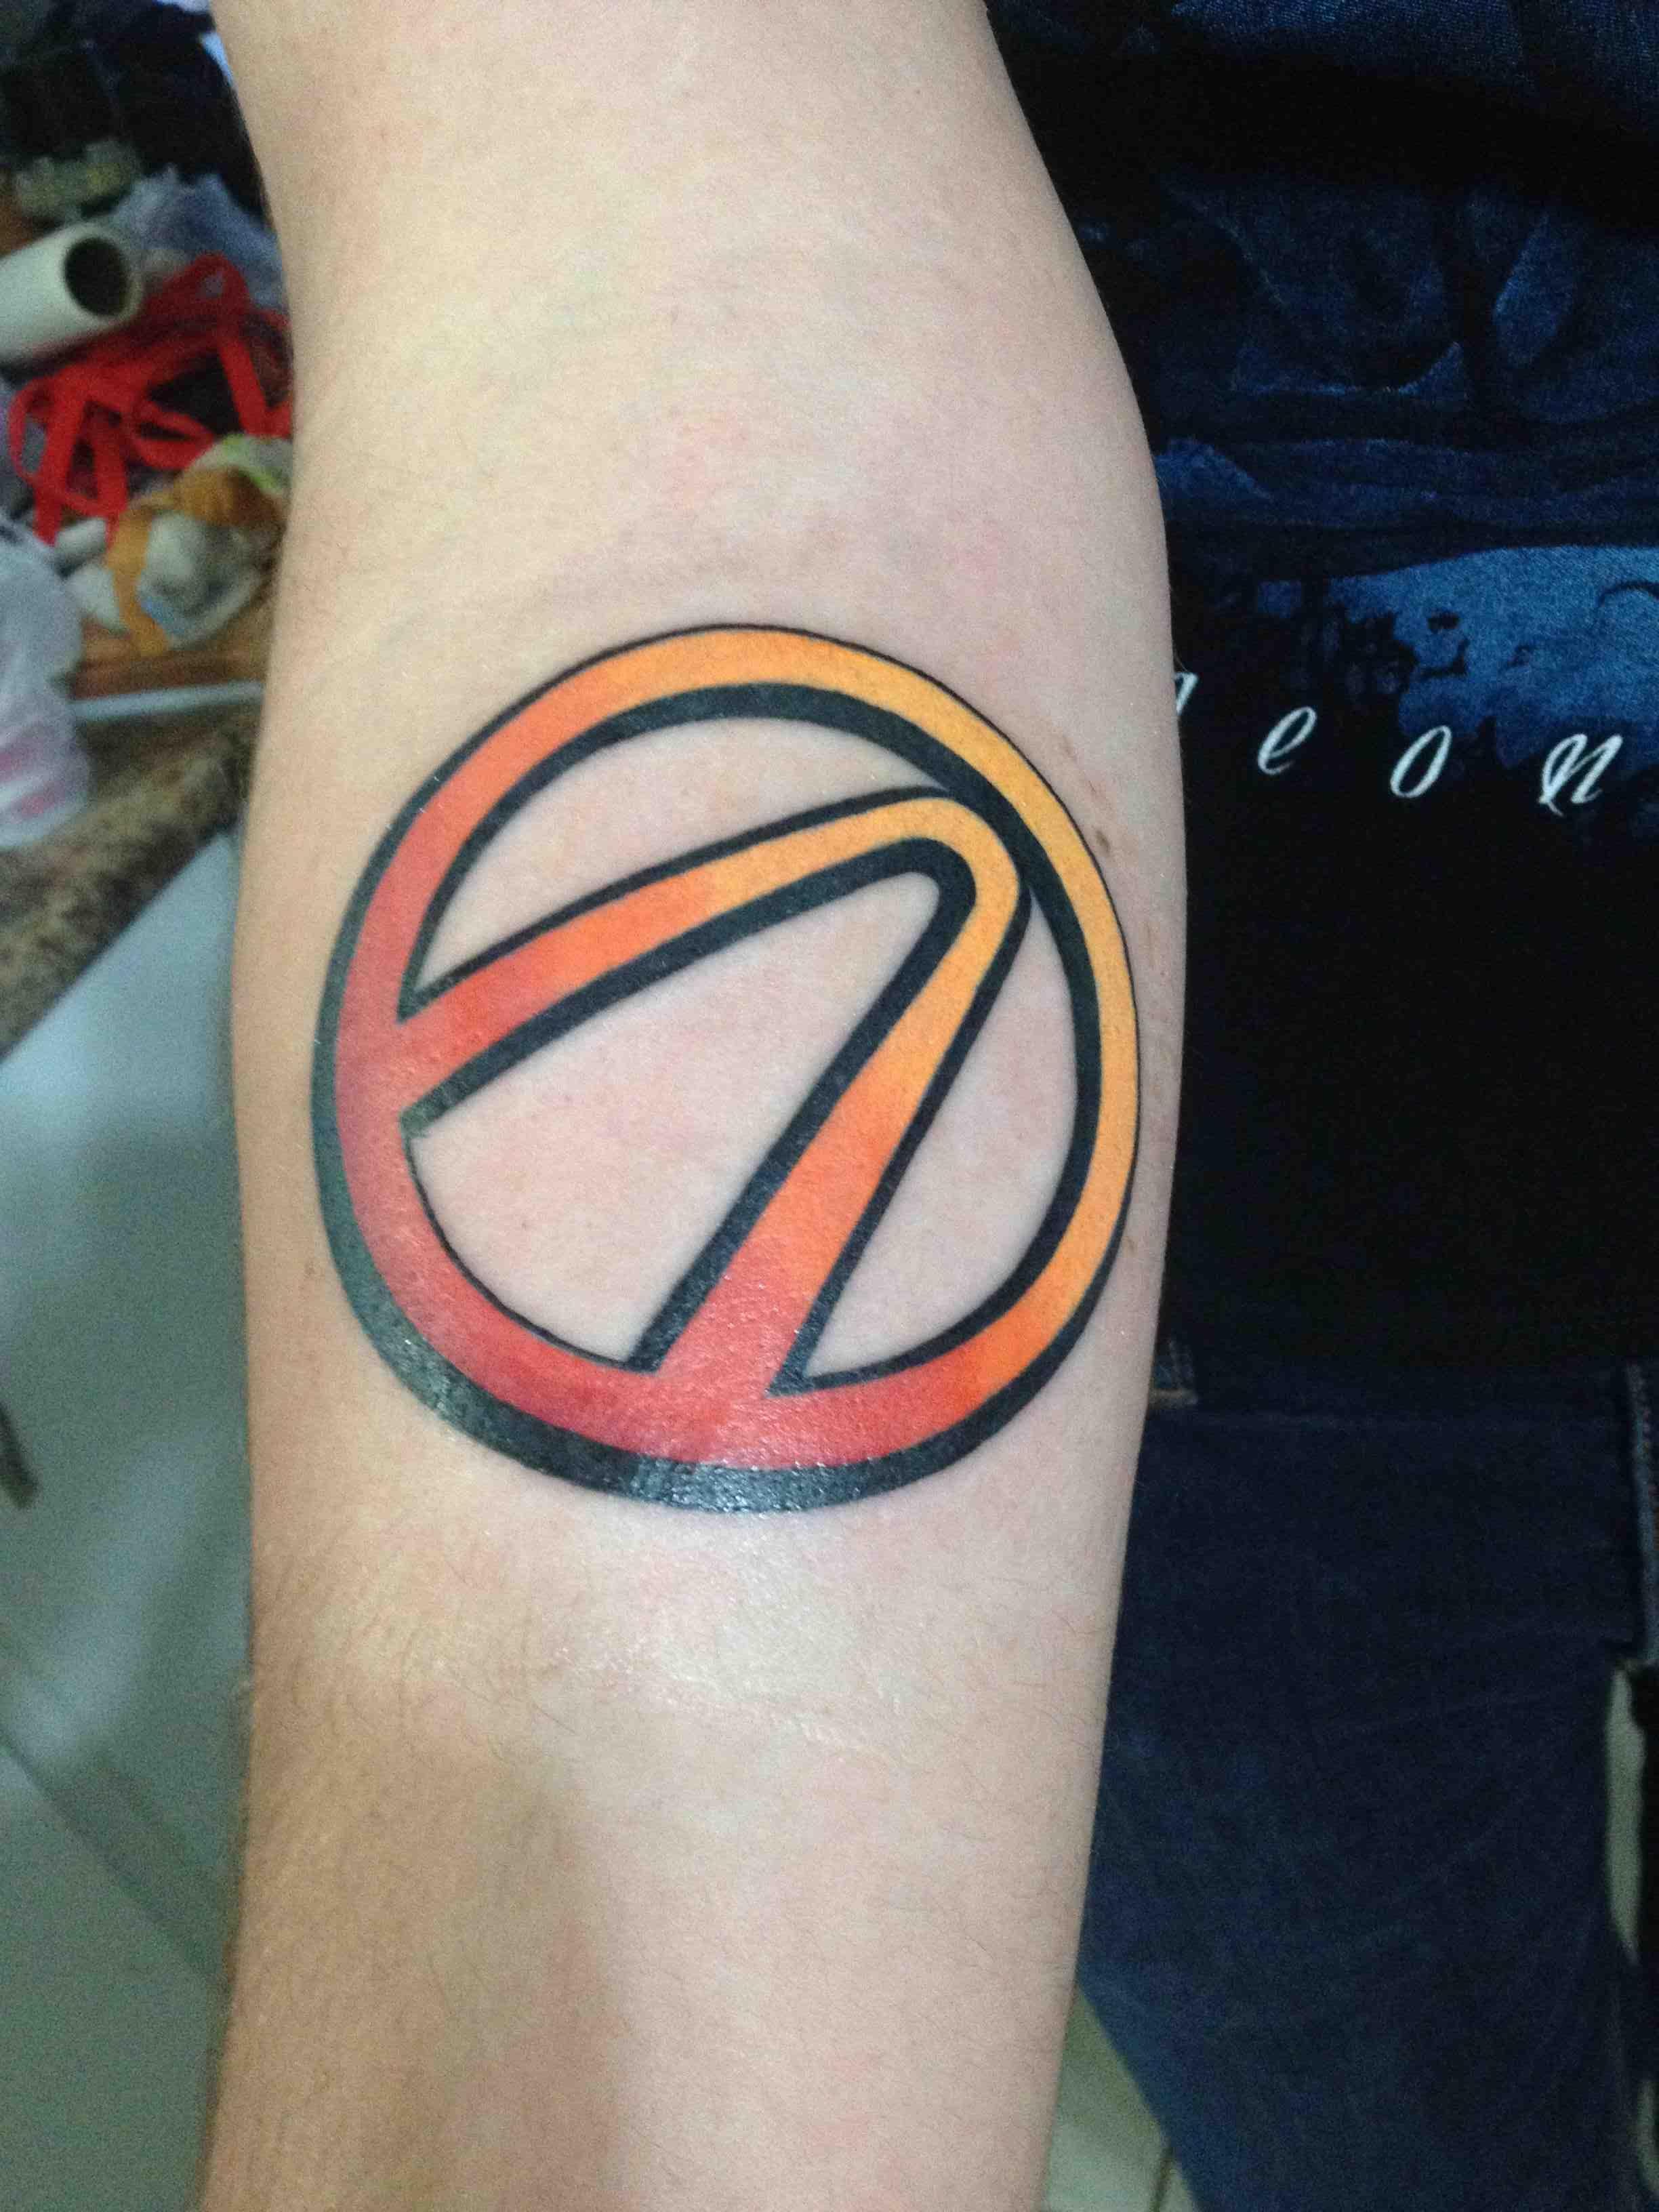 Bsregq3 Jpg 2448 3264 Borderlands Tattoo Tattoos Gaming Tattoo